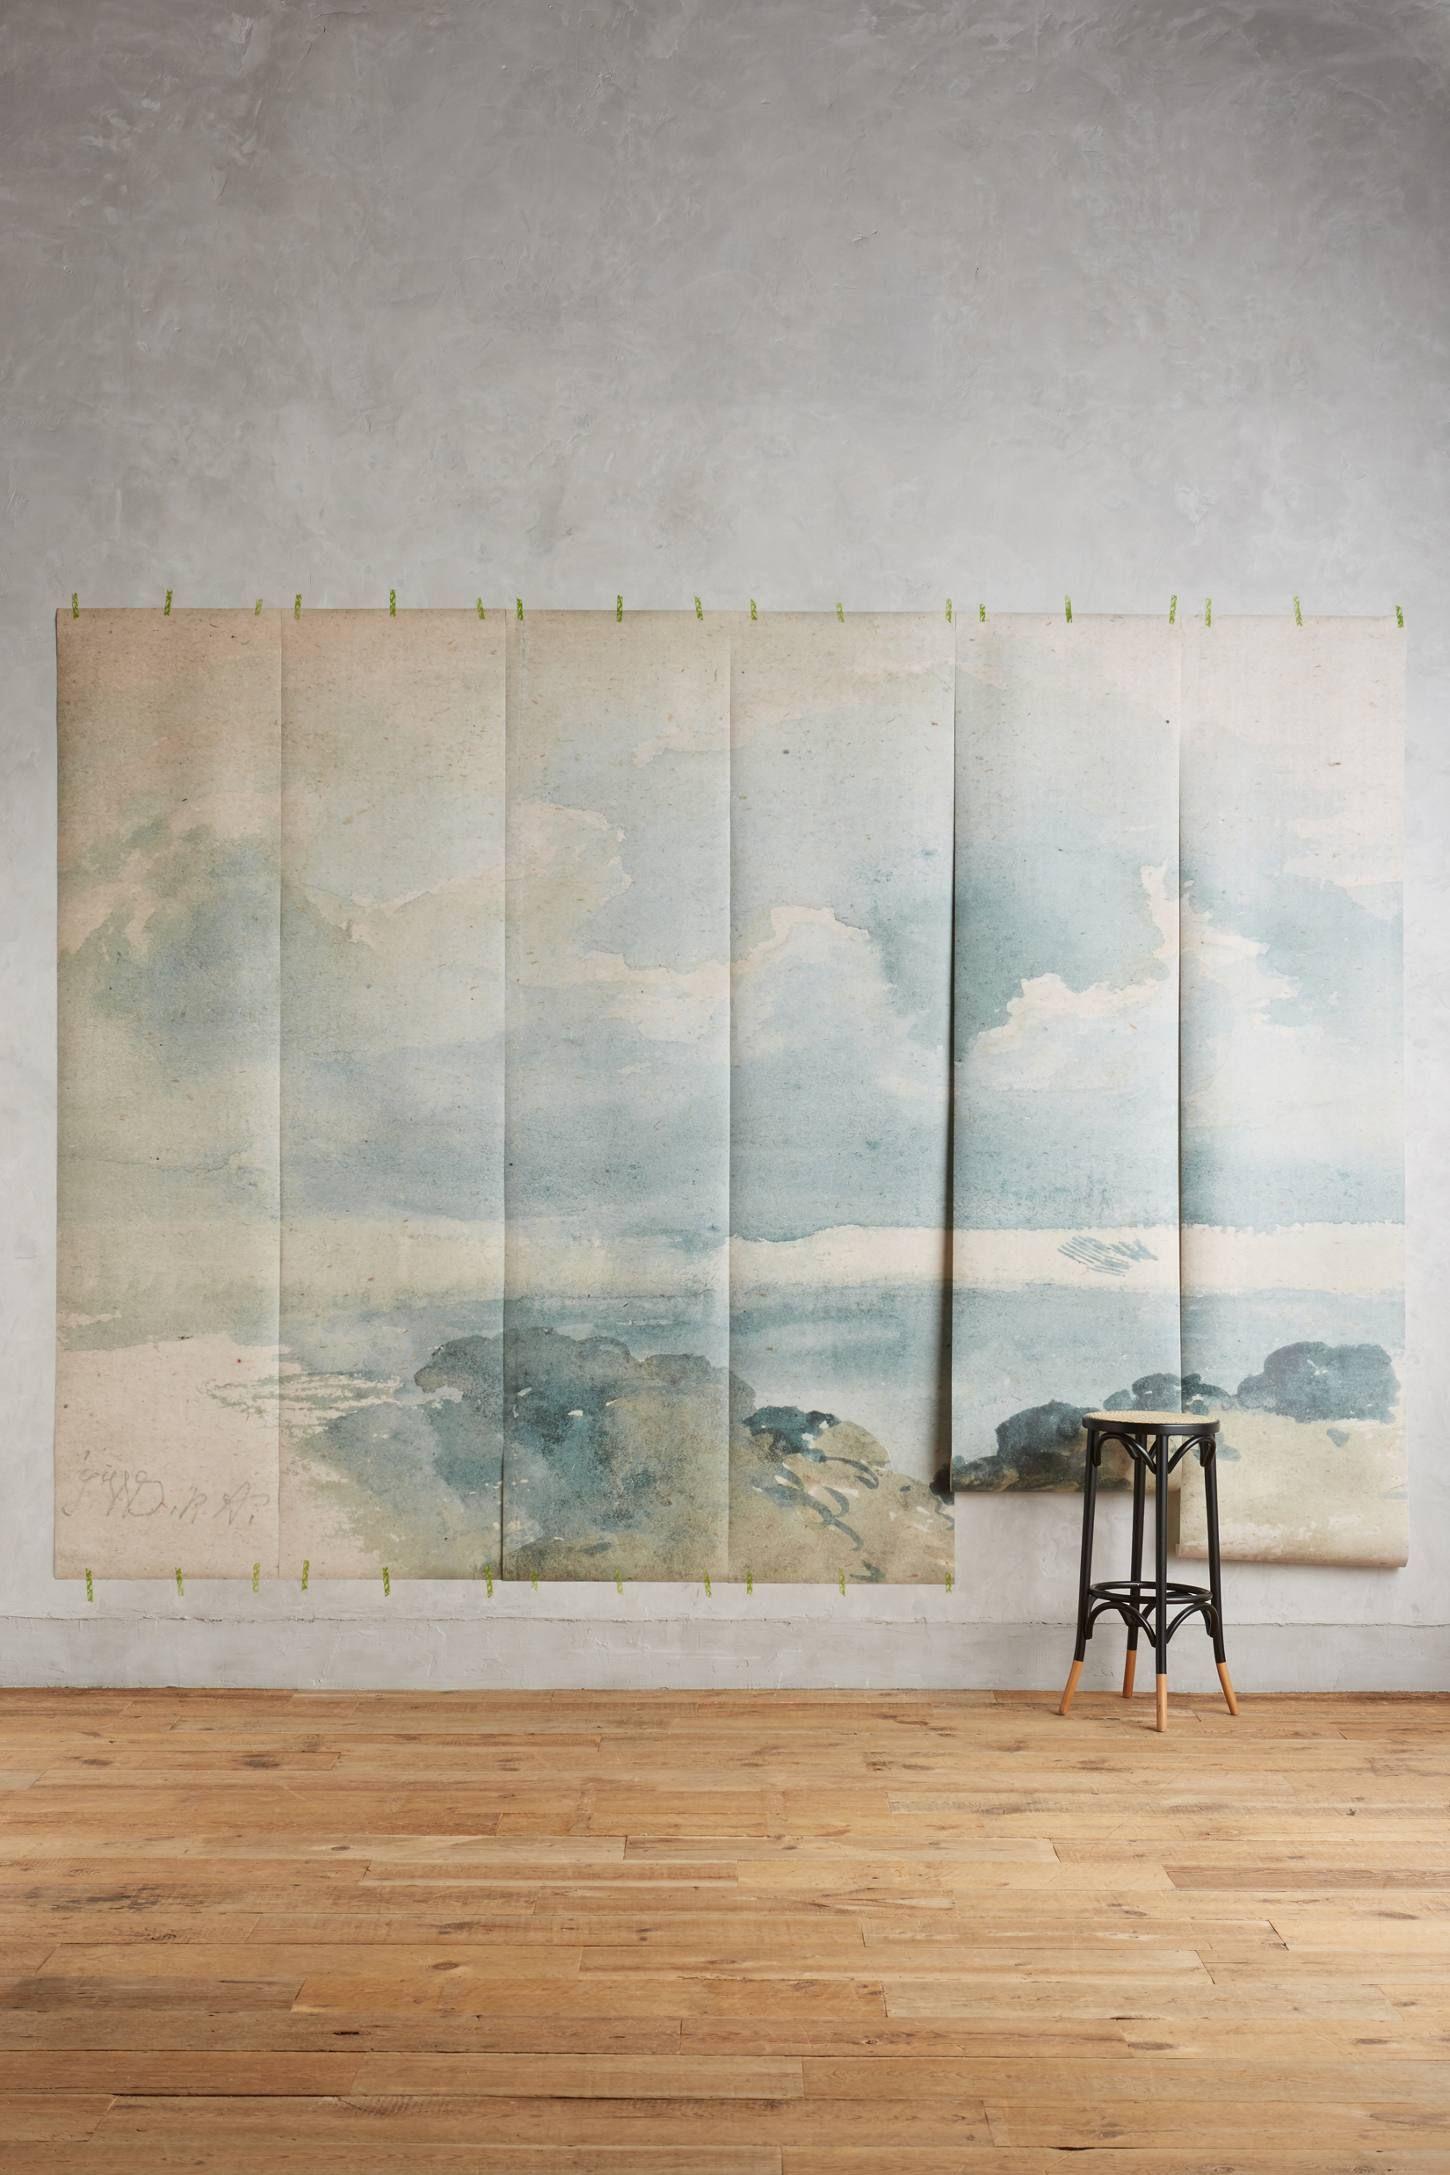 coastal cirrus mural | ispirazione, carta da parati per la stanza ... - Carta Da Parati Design Sala Da Pranzo Ispirazione Vetro Freddo